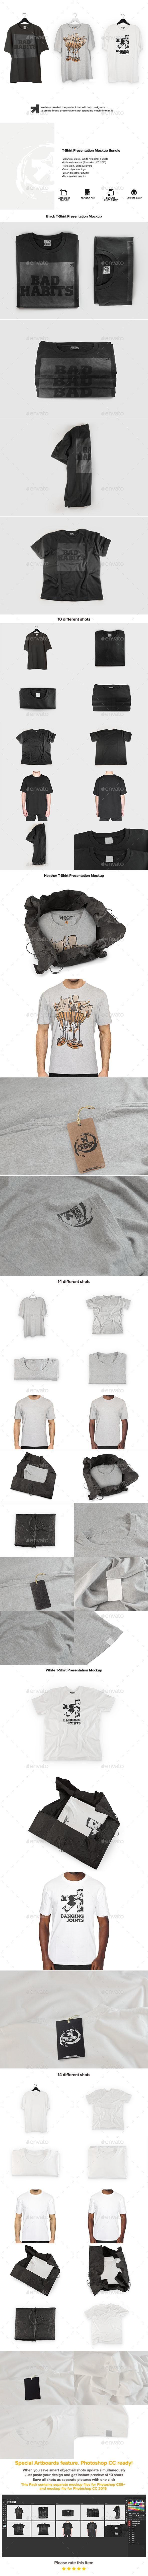 T Shirt Mockups Bundle Shirt Mockup Tshirt Mockup Clothing Mockup